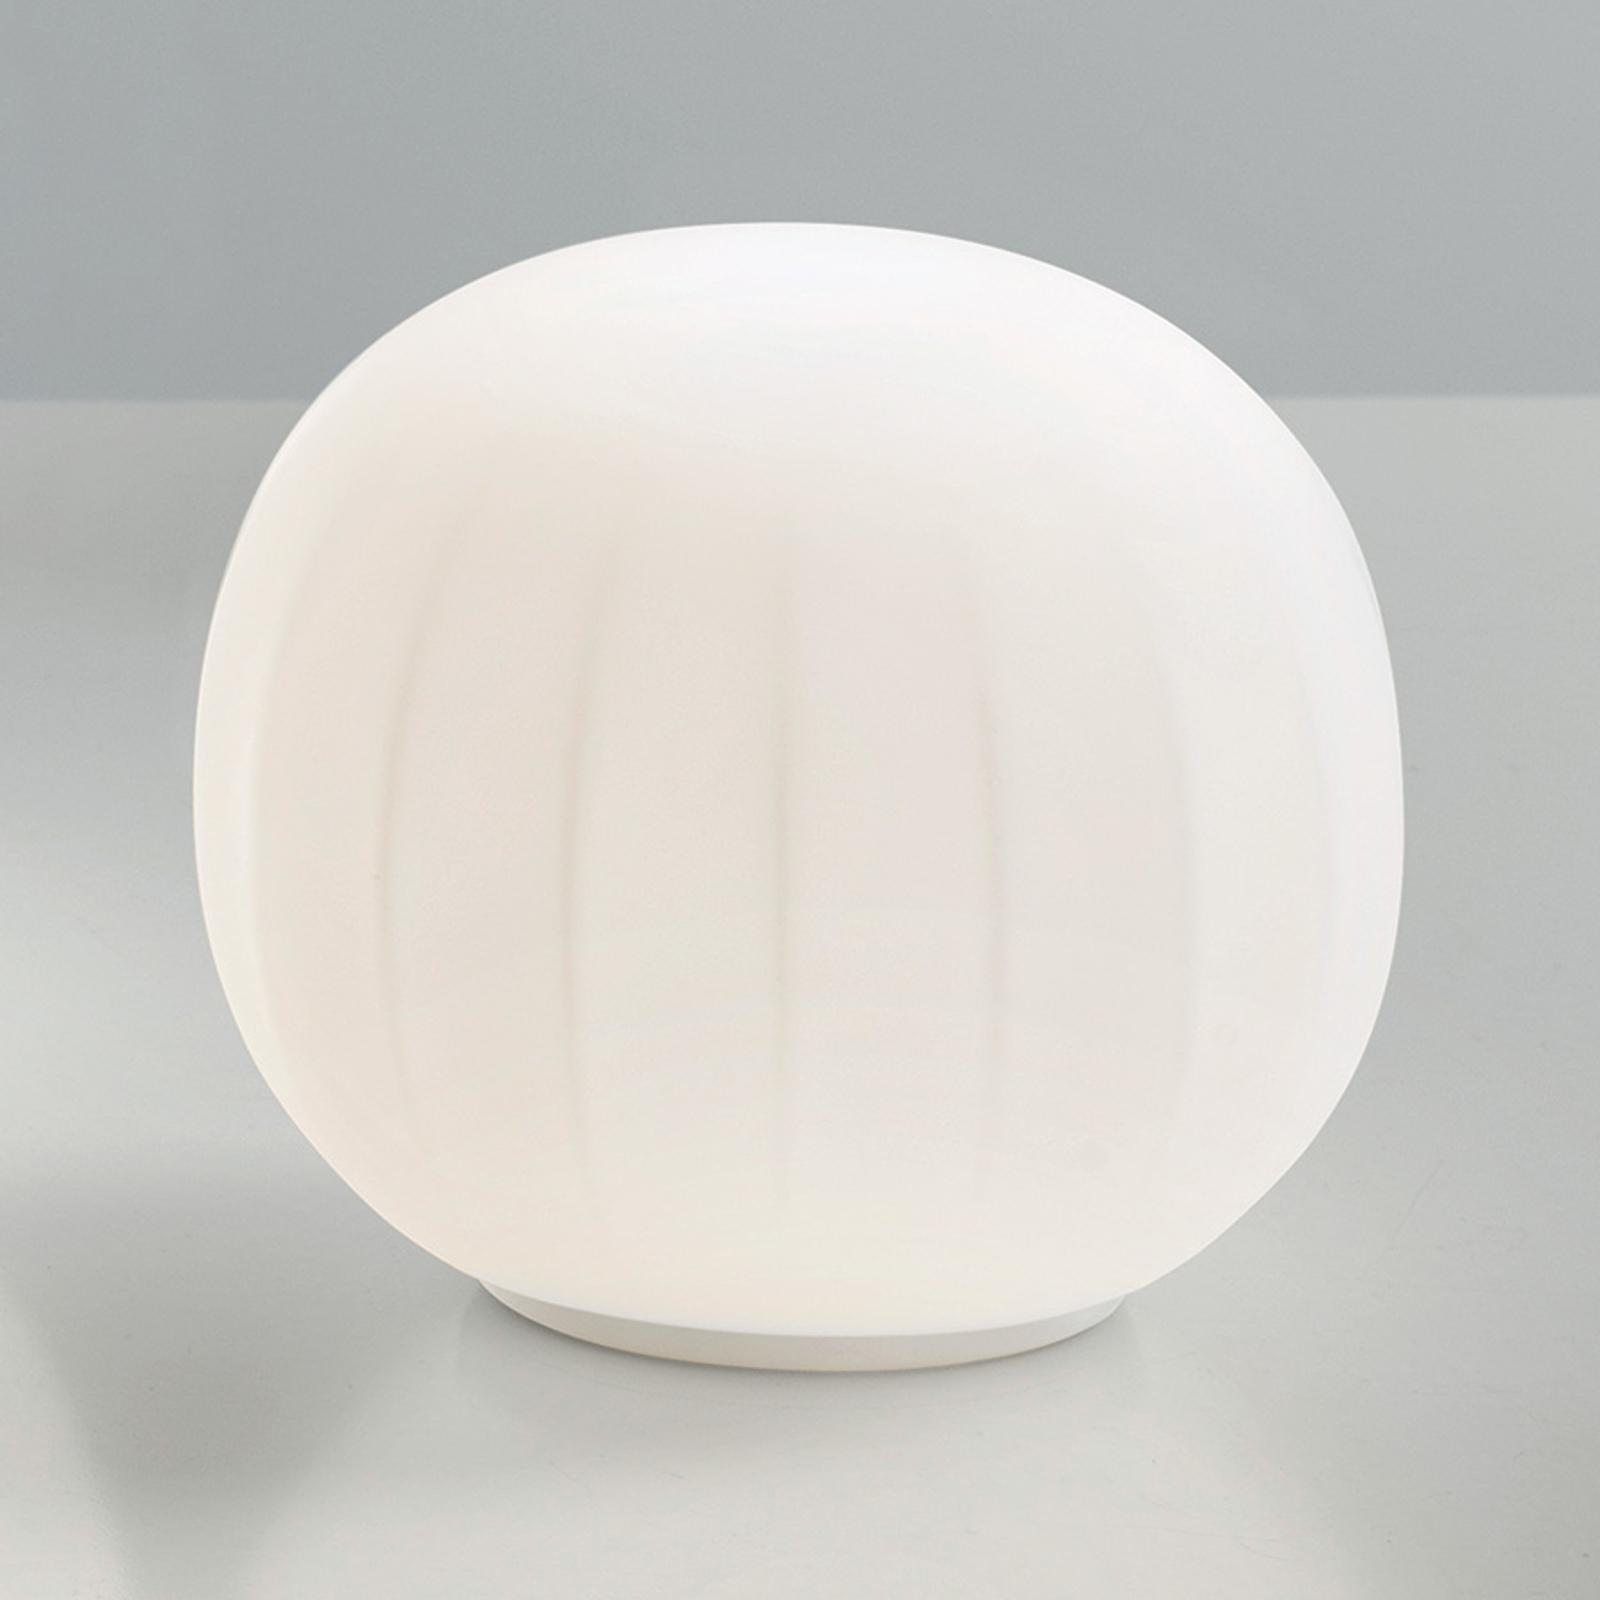 Luceplan Mesh tafellamp Ø 18 cm